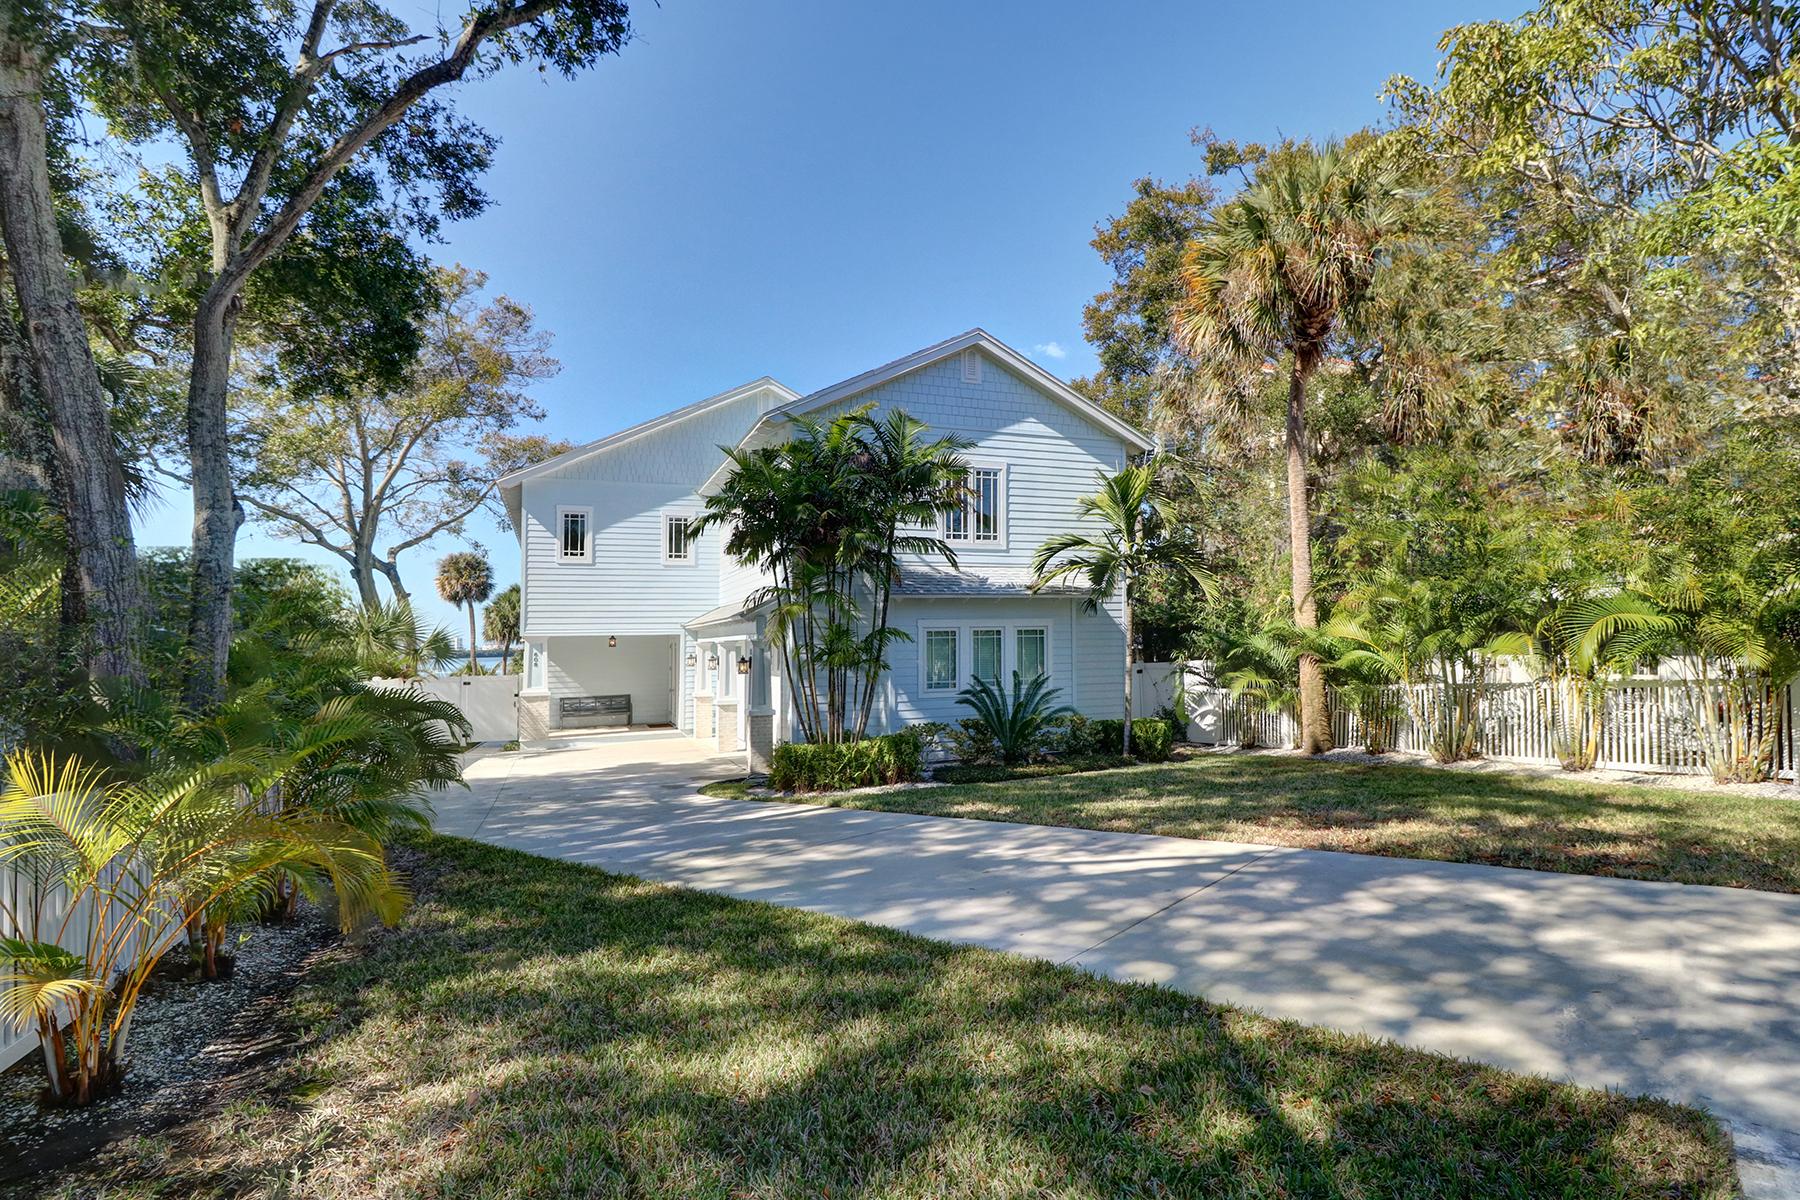 一戸建て のために 売買 アット CLEARWATER 608 N Osceola Ave Clearwater, フロリダ, 33755 アメリカ合衆国